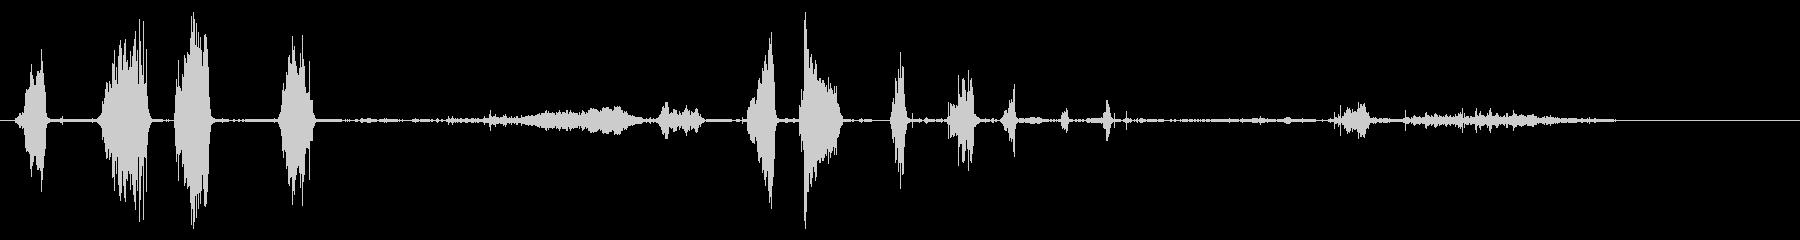 シロクマ2の未再生の波形